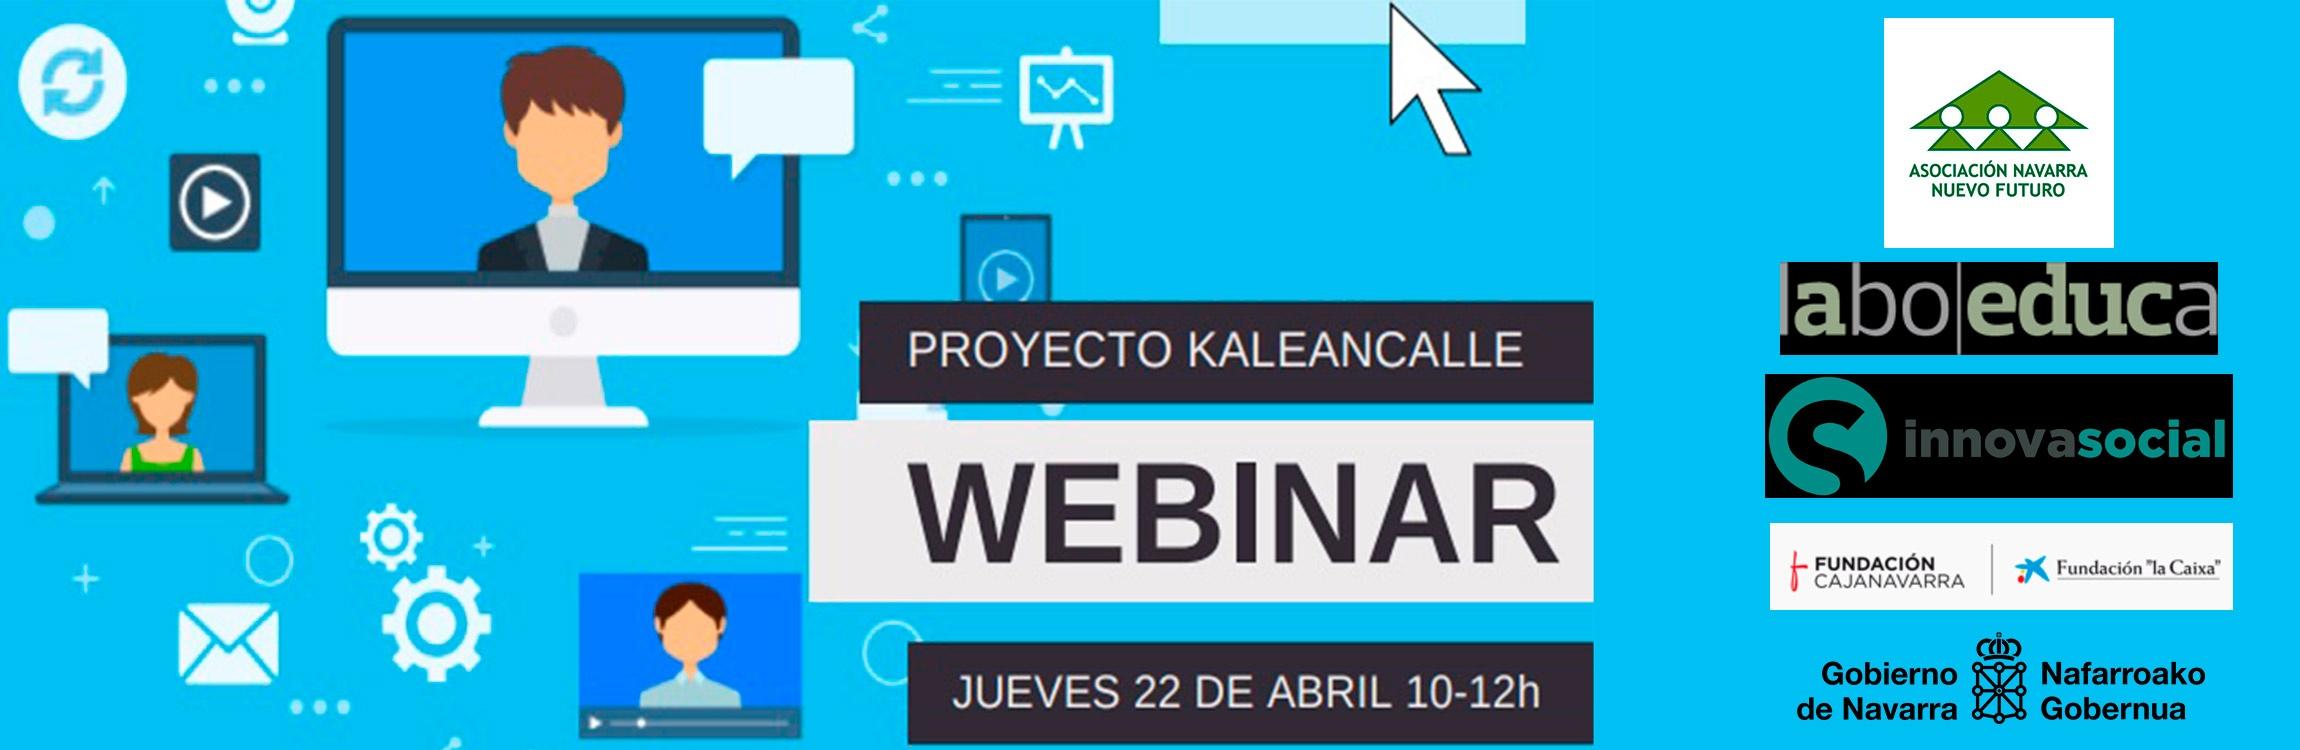 Imagen de la noticia Webinar #kaleancalle